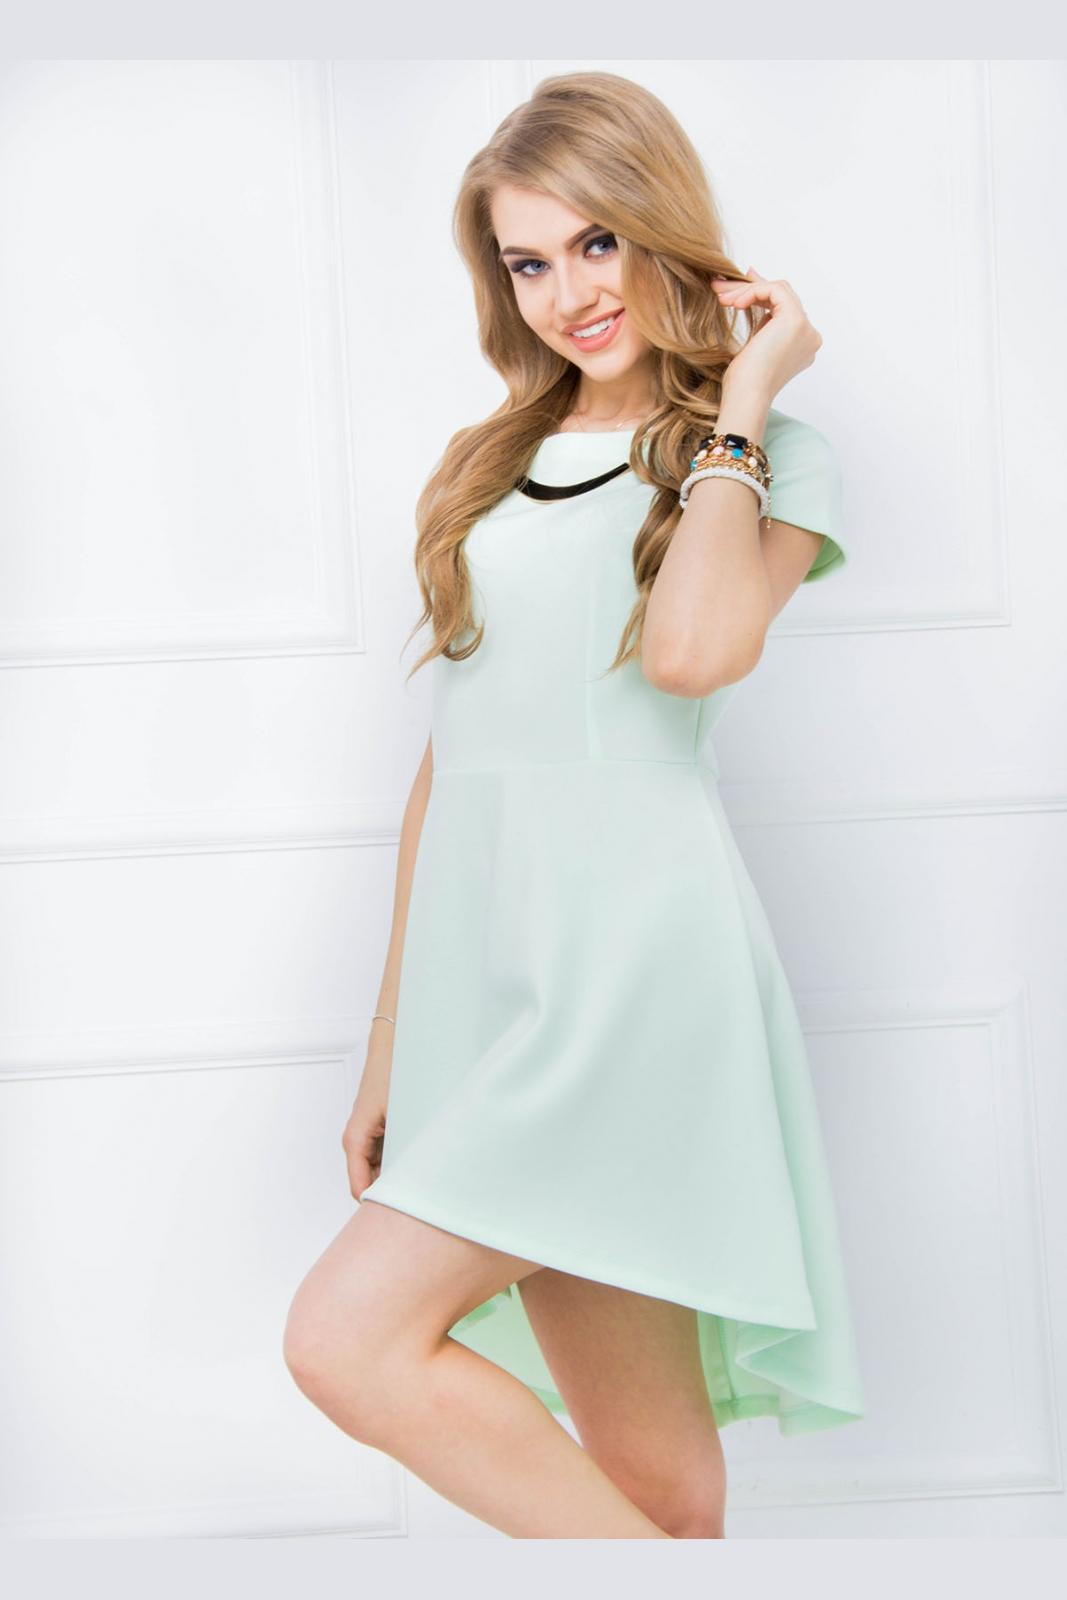 Сбор заказов. Распродажа супер модной женской одежды польских производителей. Скидки до 70 %. Огромный выбор одежды: жакеты, платья, вязаные кардиганы, блузки, леггинсы и другое. Много новинок. Выкуп 5.